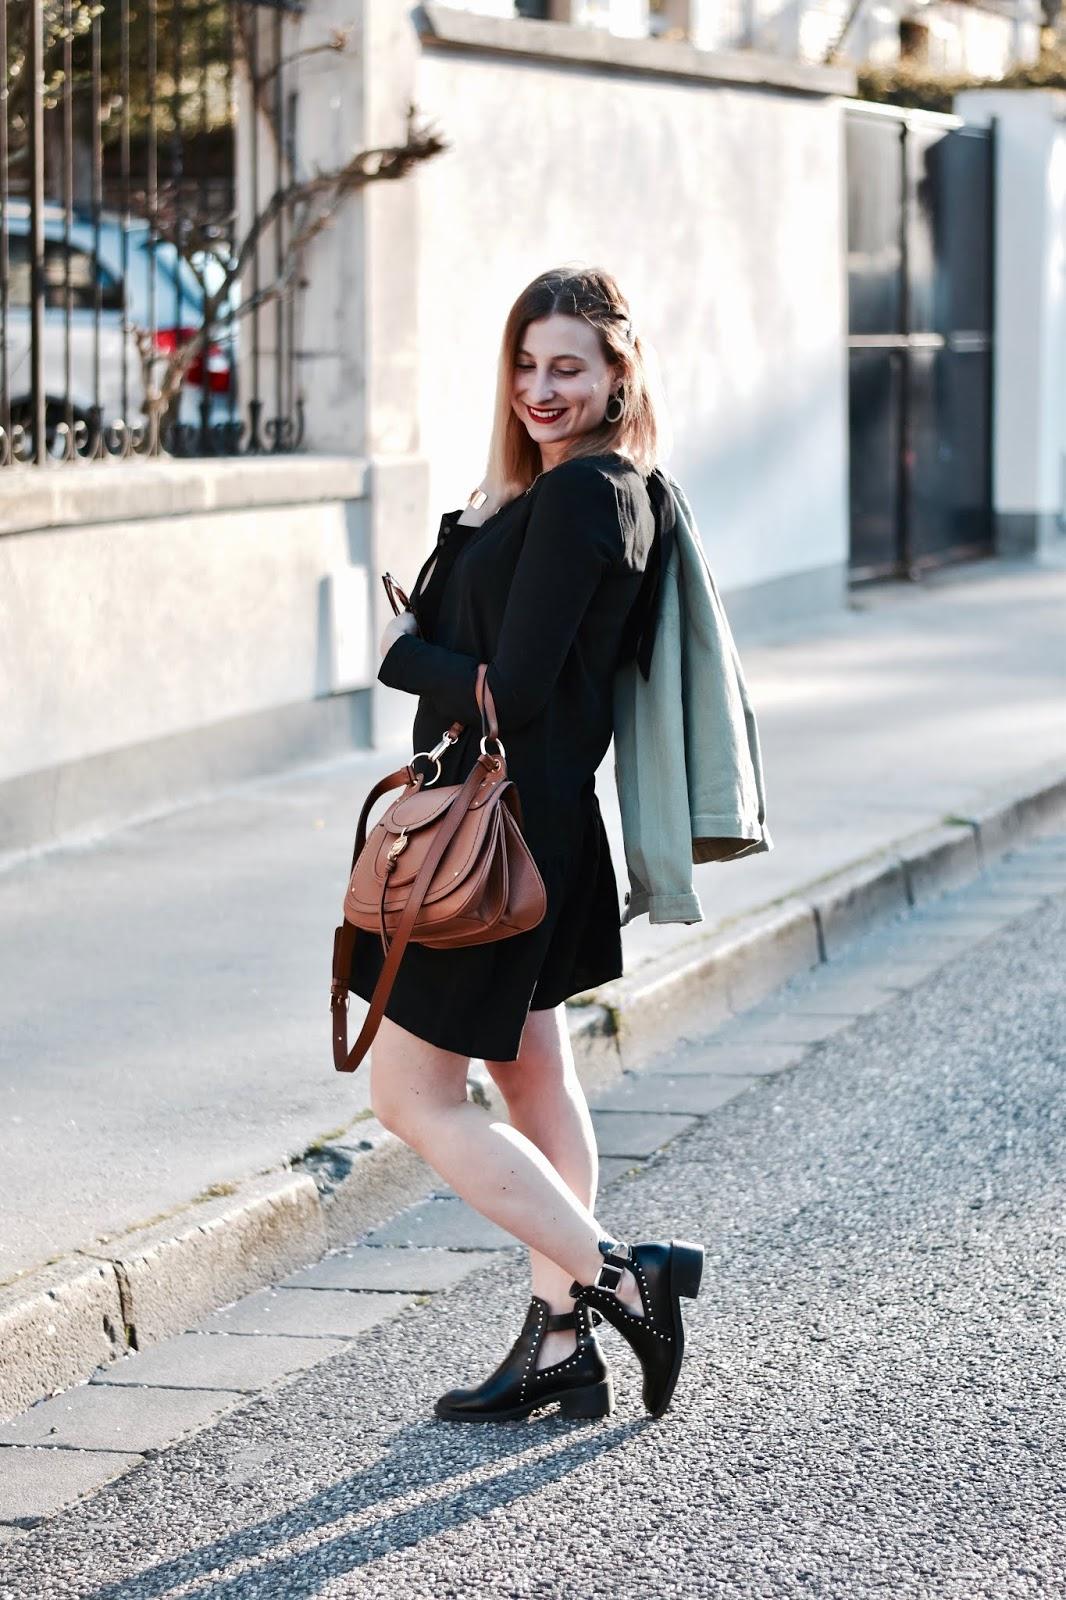 comment porter la petite robe noire au quotidien